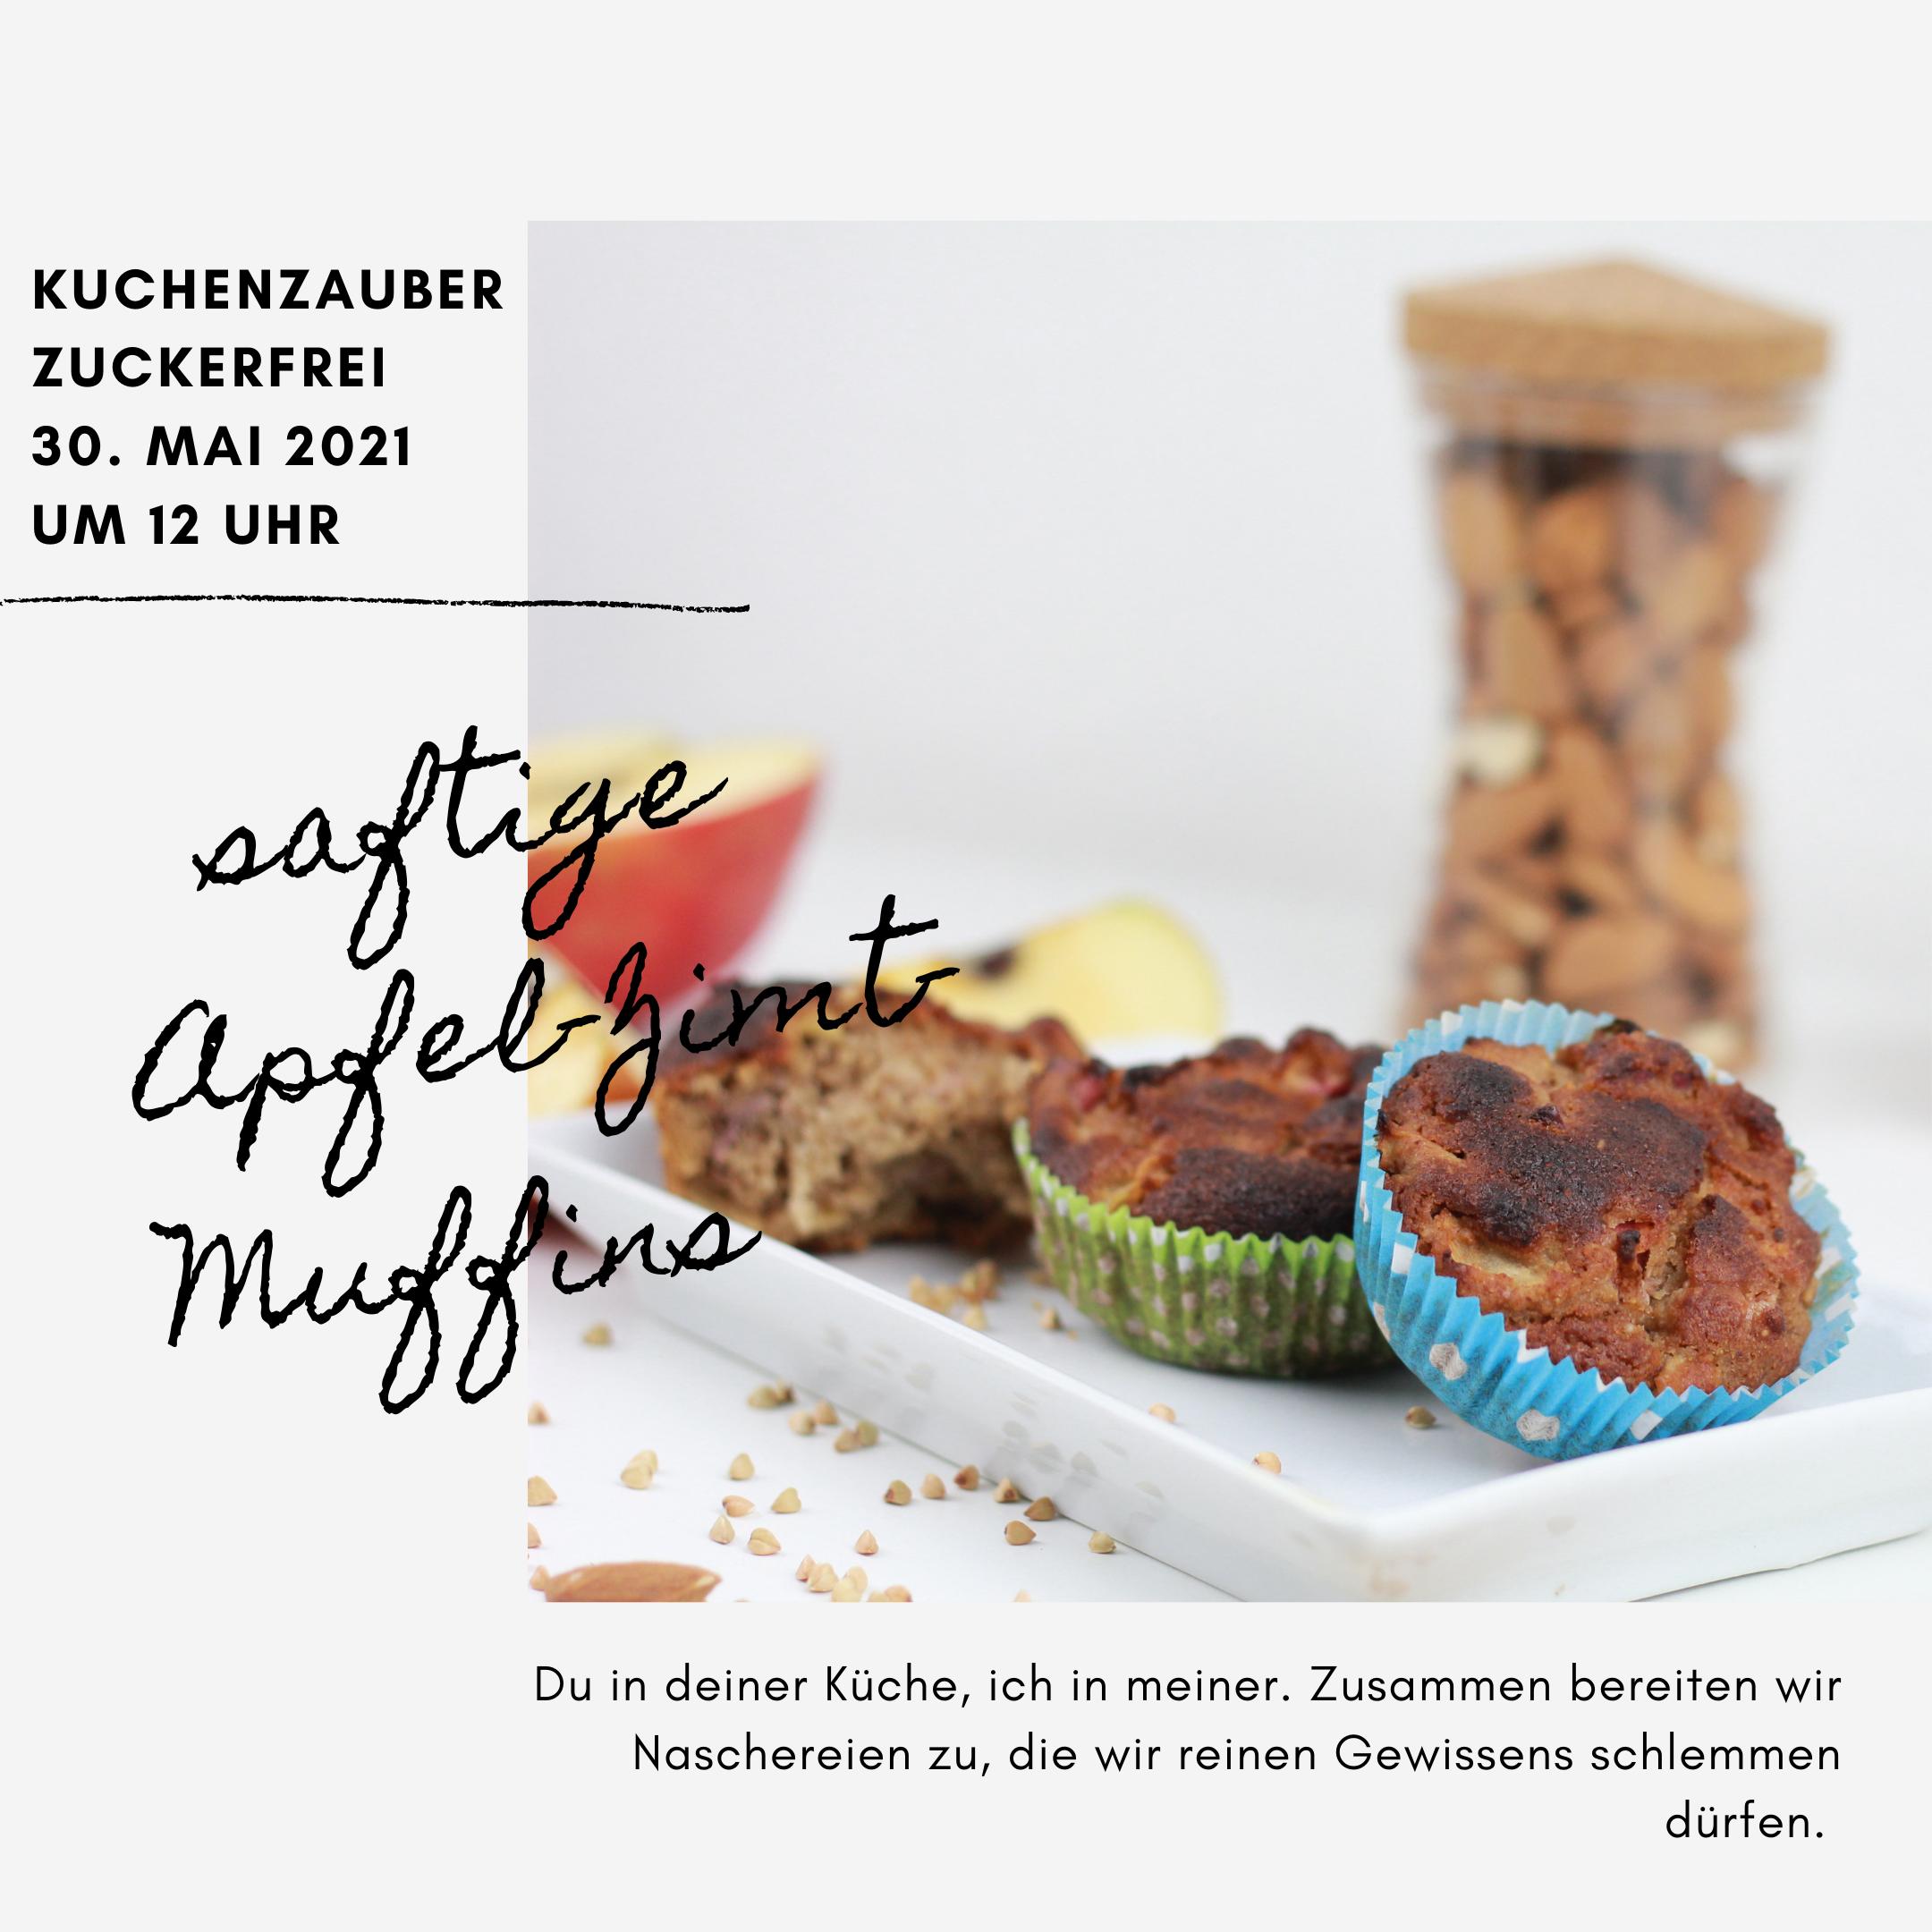 Kuchenzauber – zuckerfrei +++ 30.Mai 2021